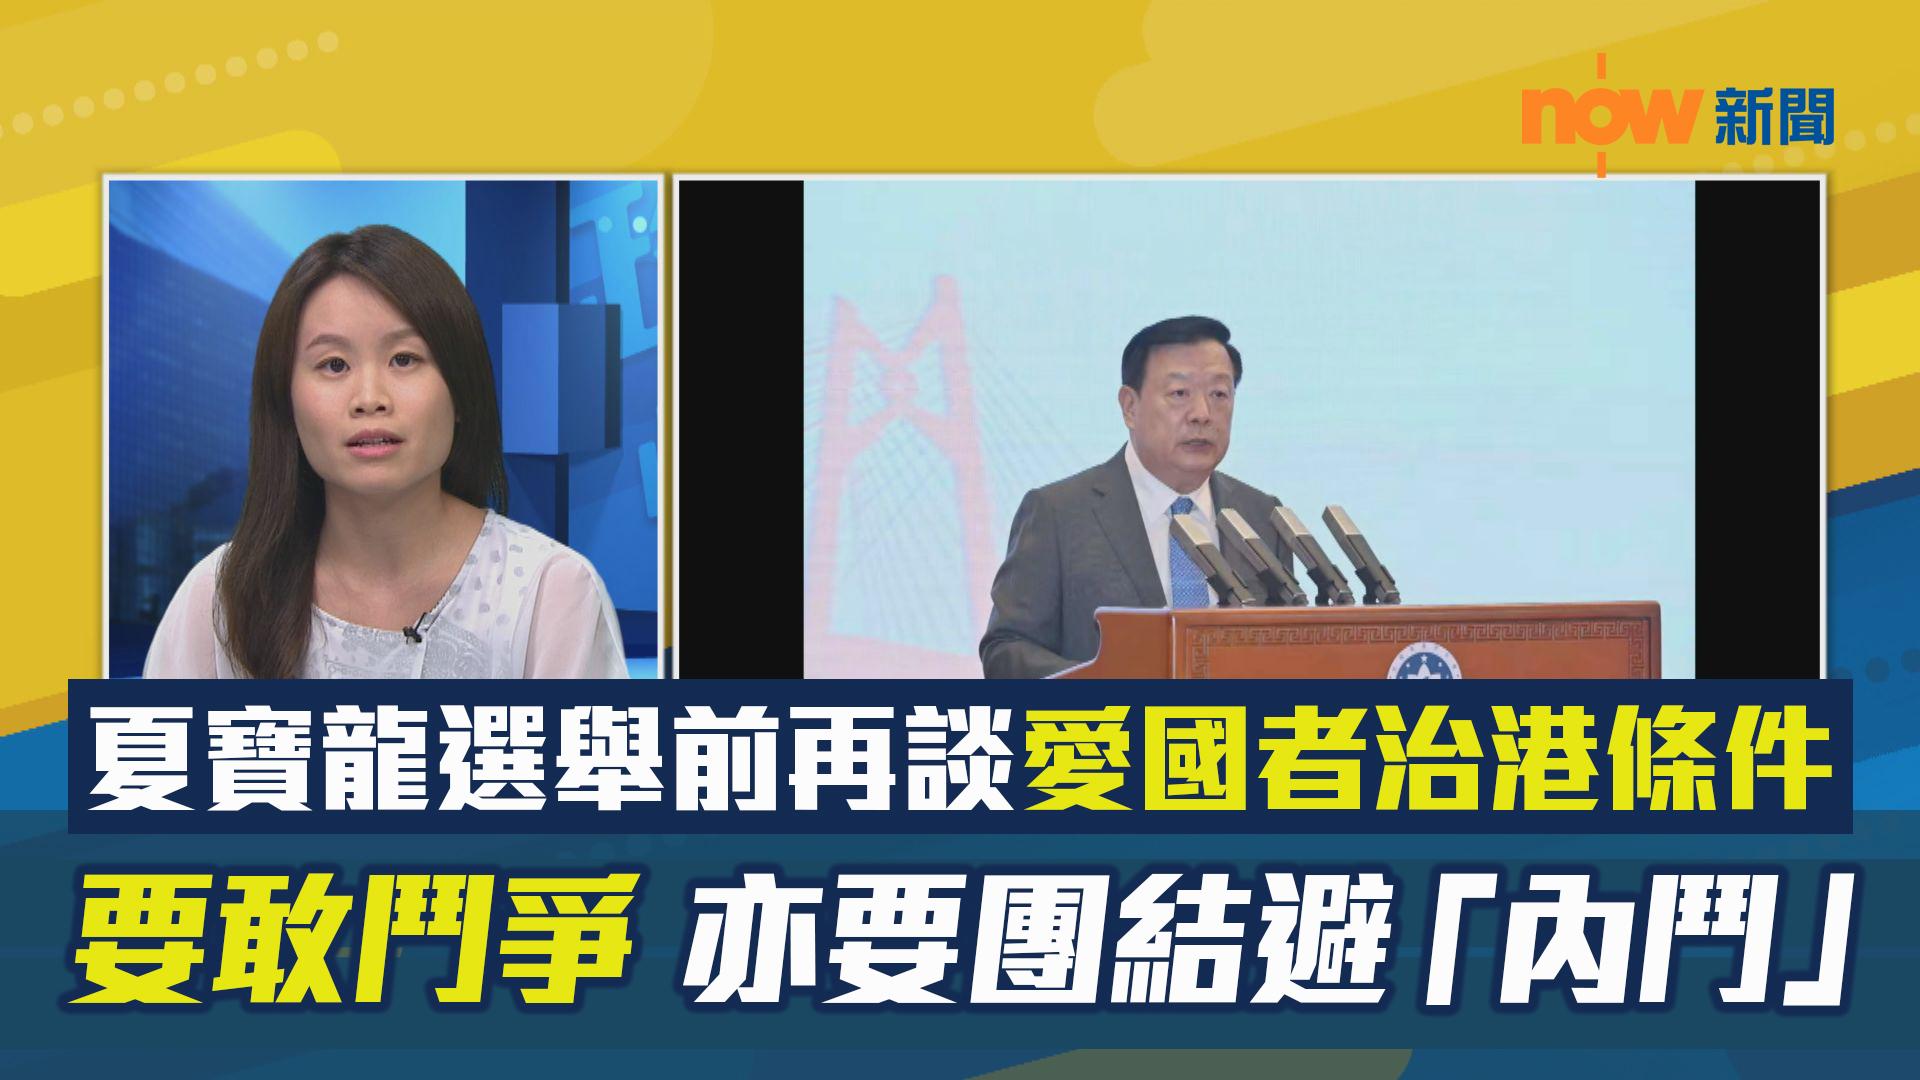 【政情】夏寶龍選舉前再談愛國者治港條件 要敢鬥爭 亦要團結避「內鬥」